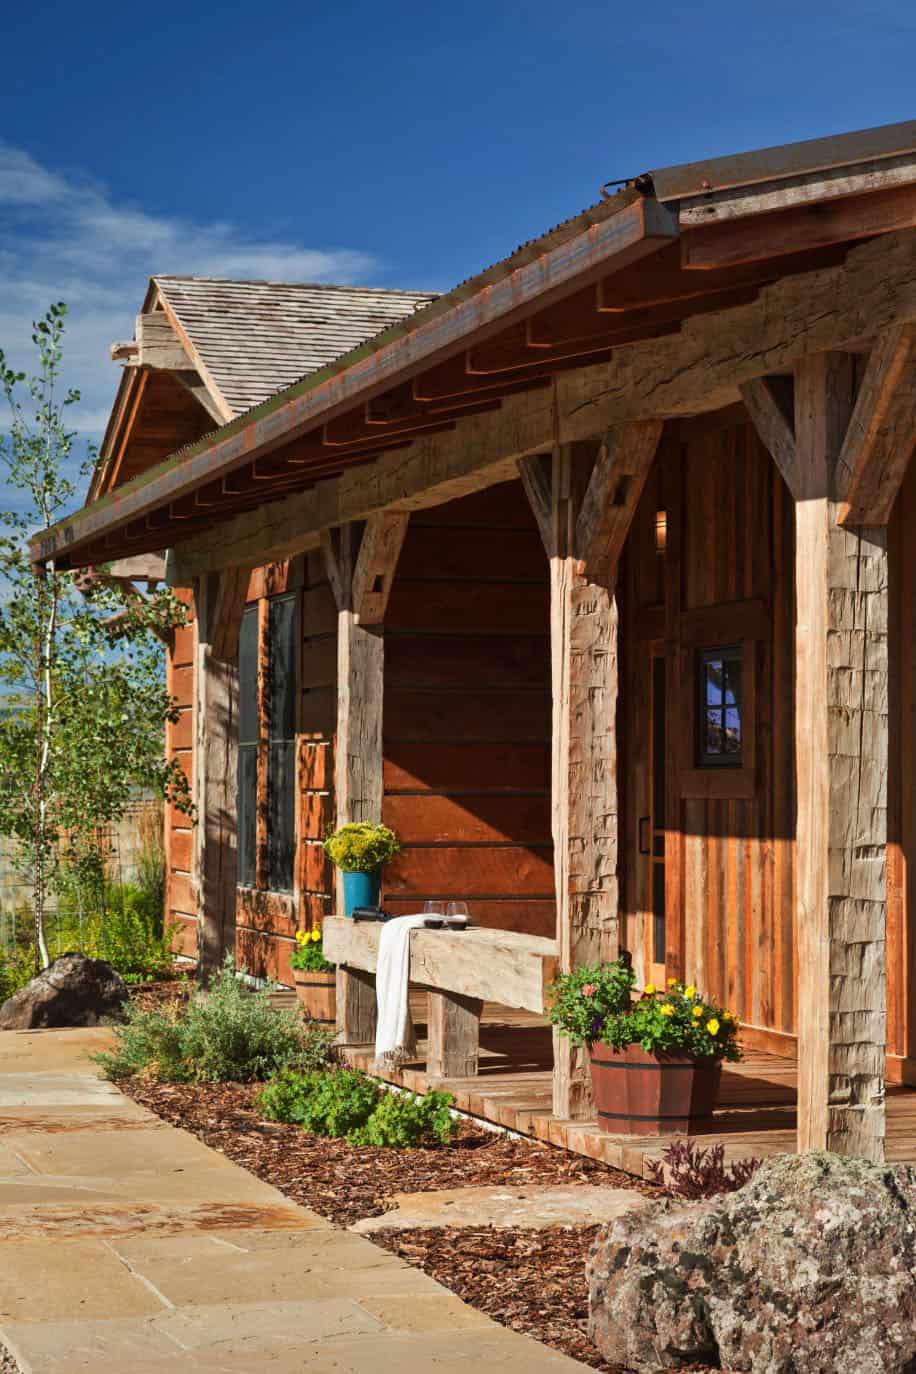 bunkhouse-rustic-exterior